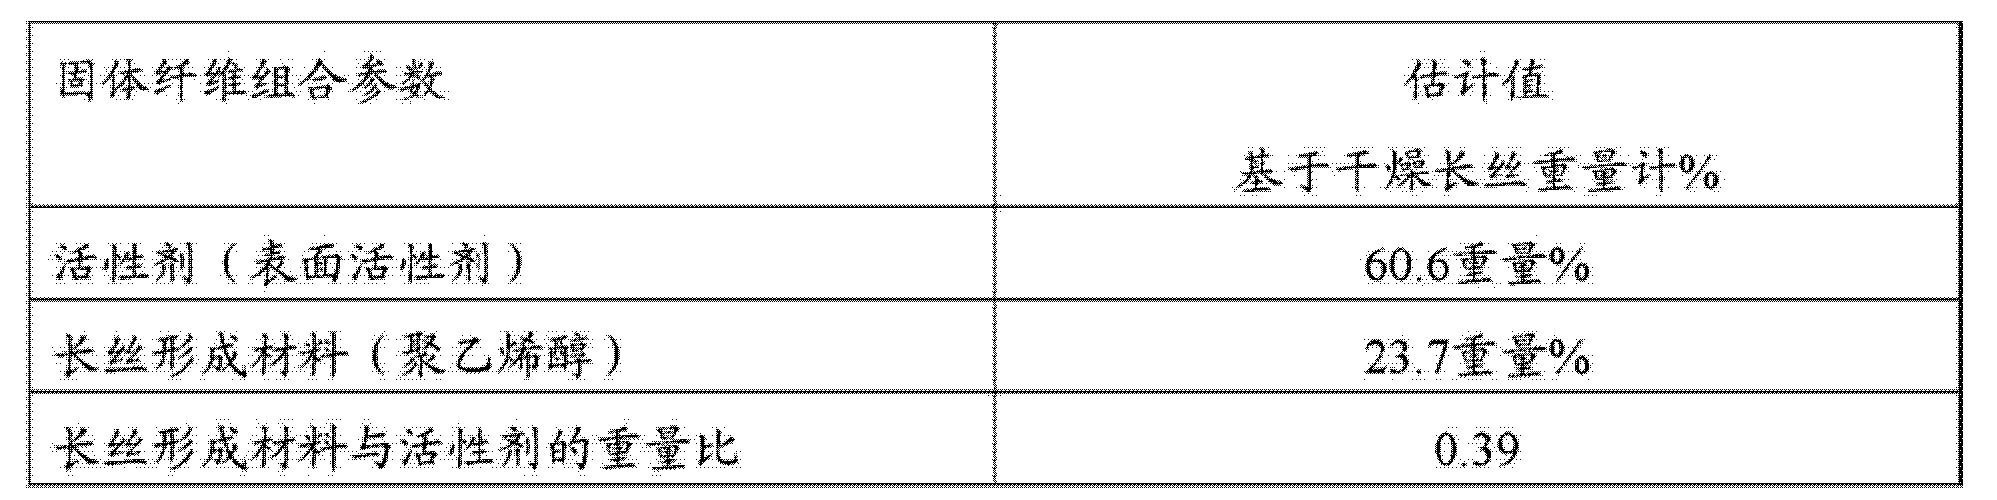 Figure CN103025930BD00602